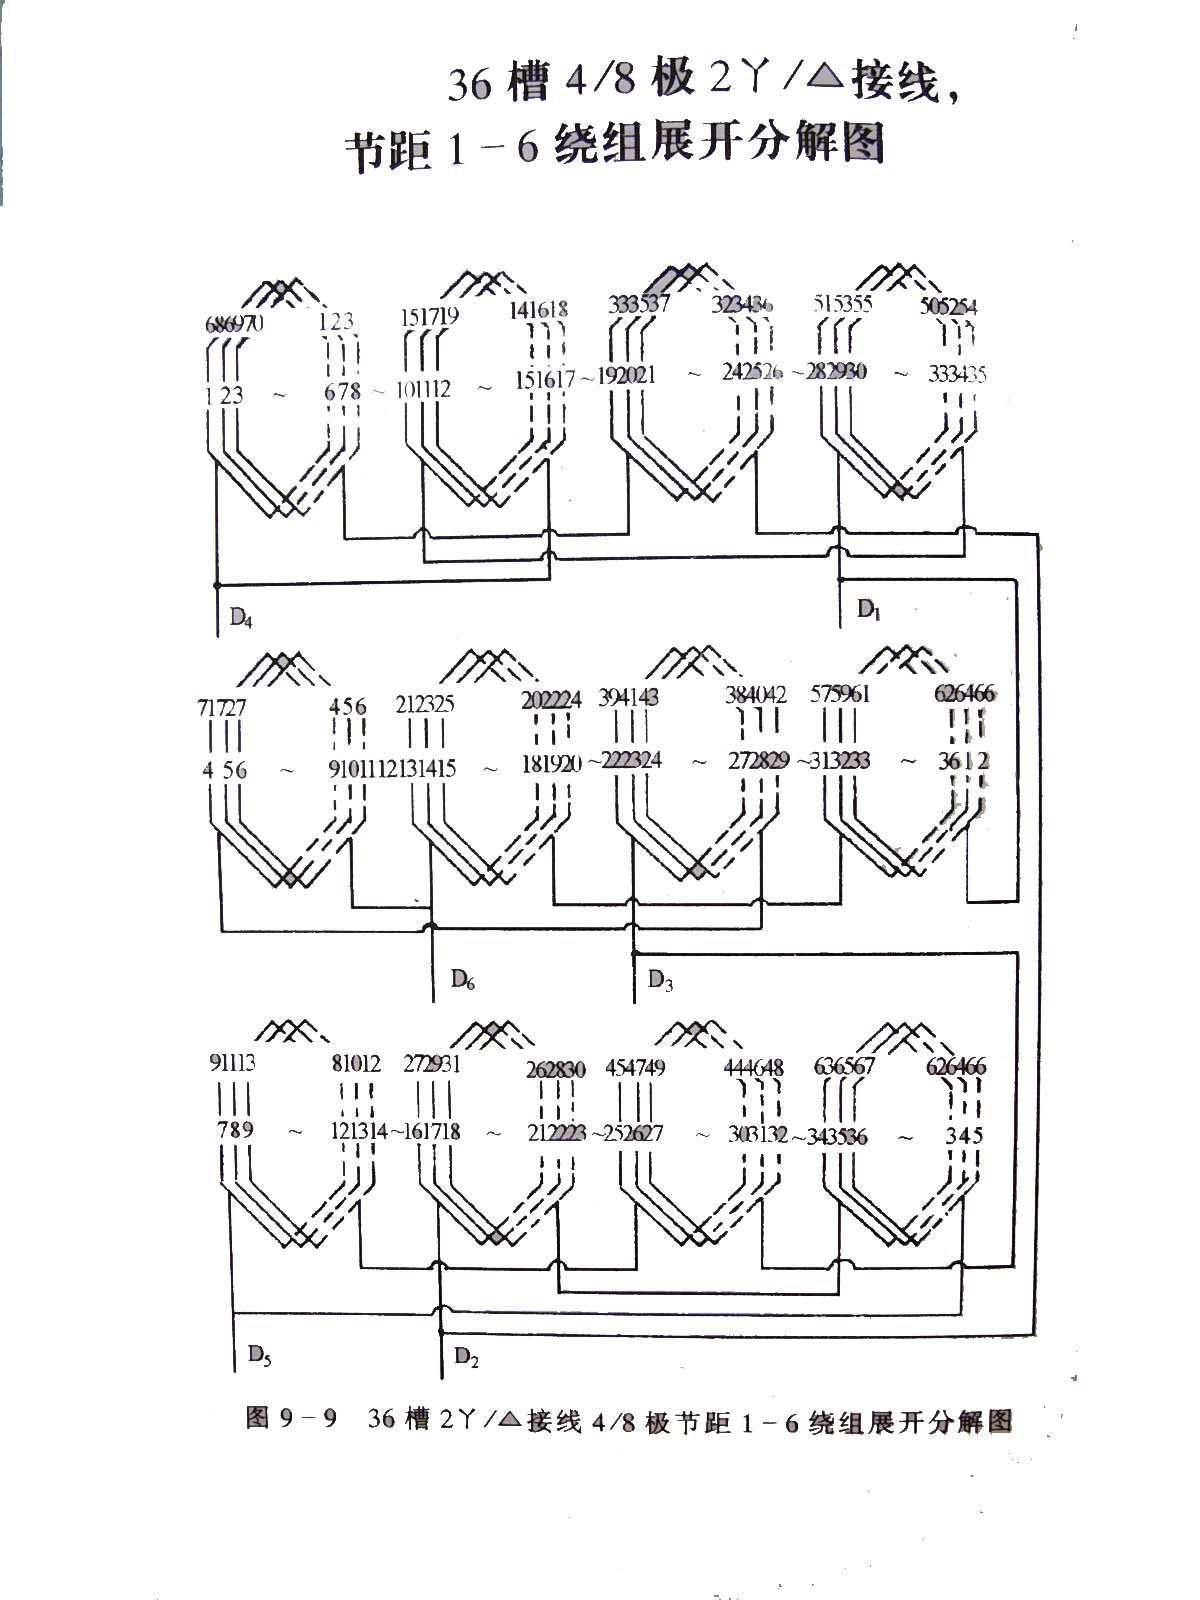 双速电机绕组接线方式展开图!请教